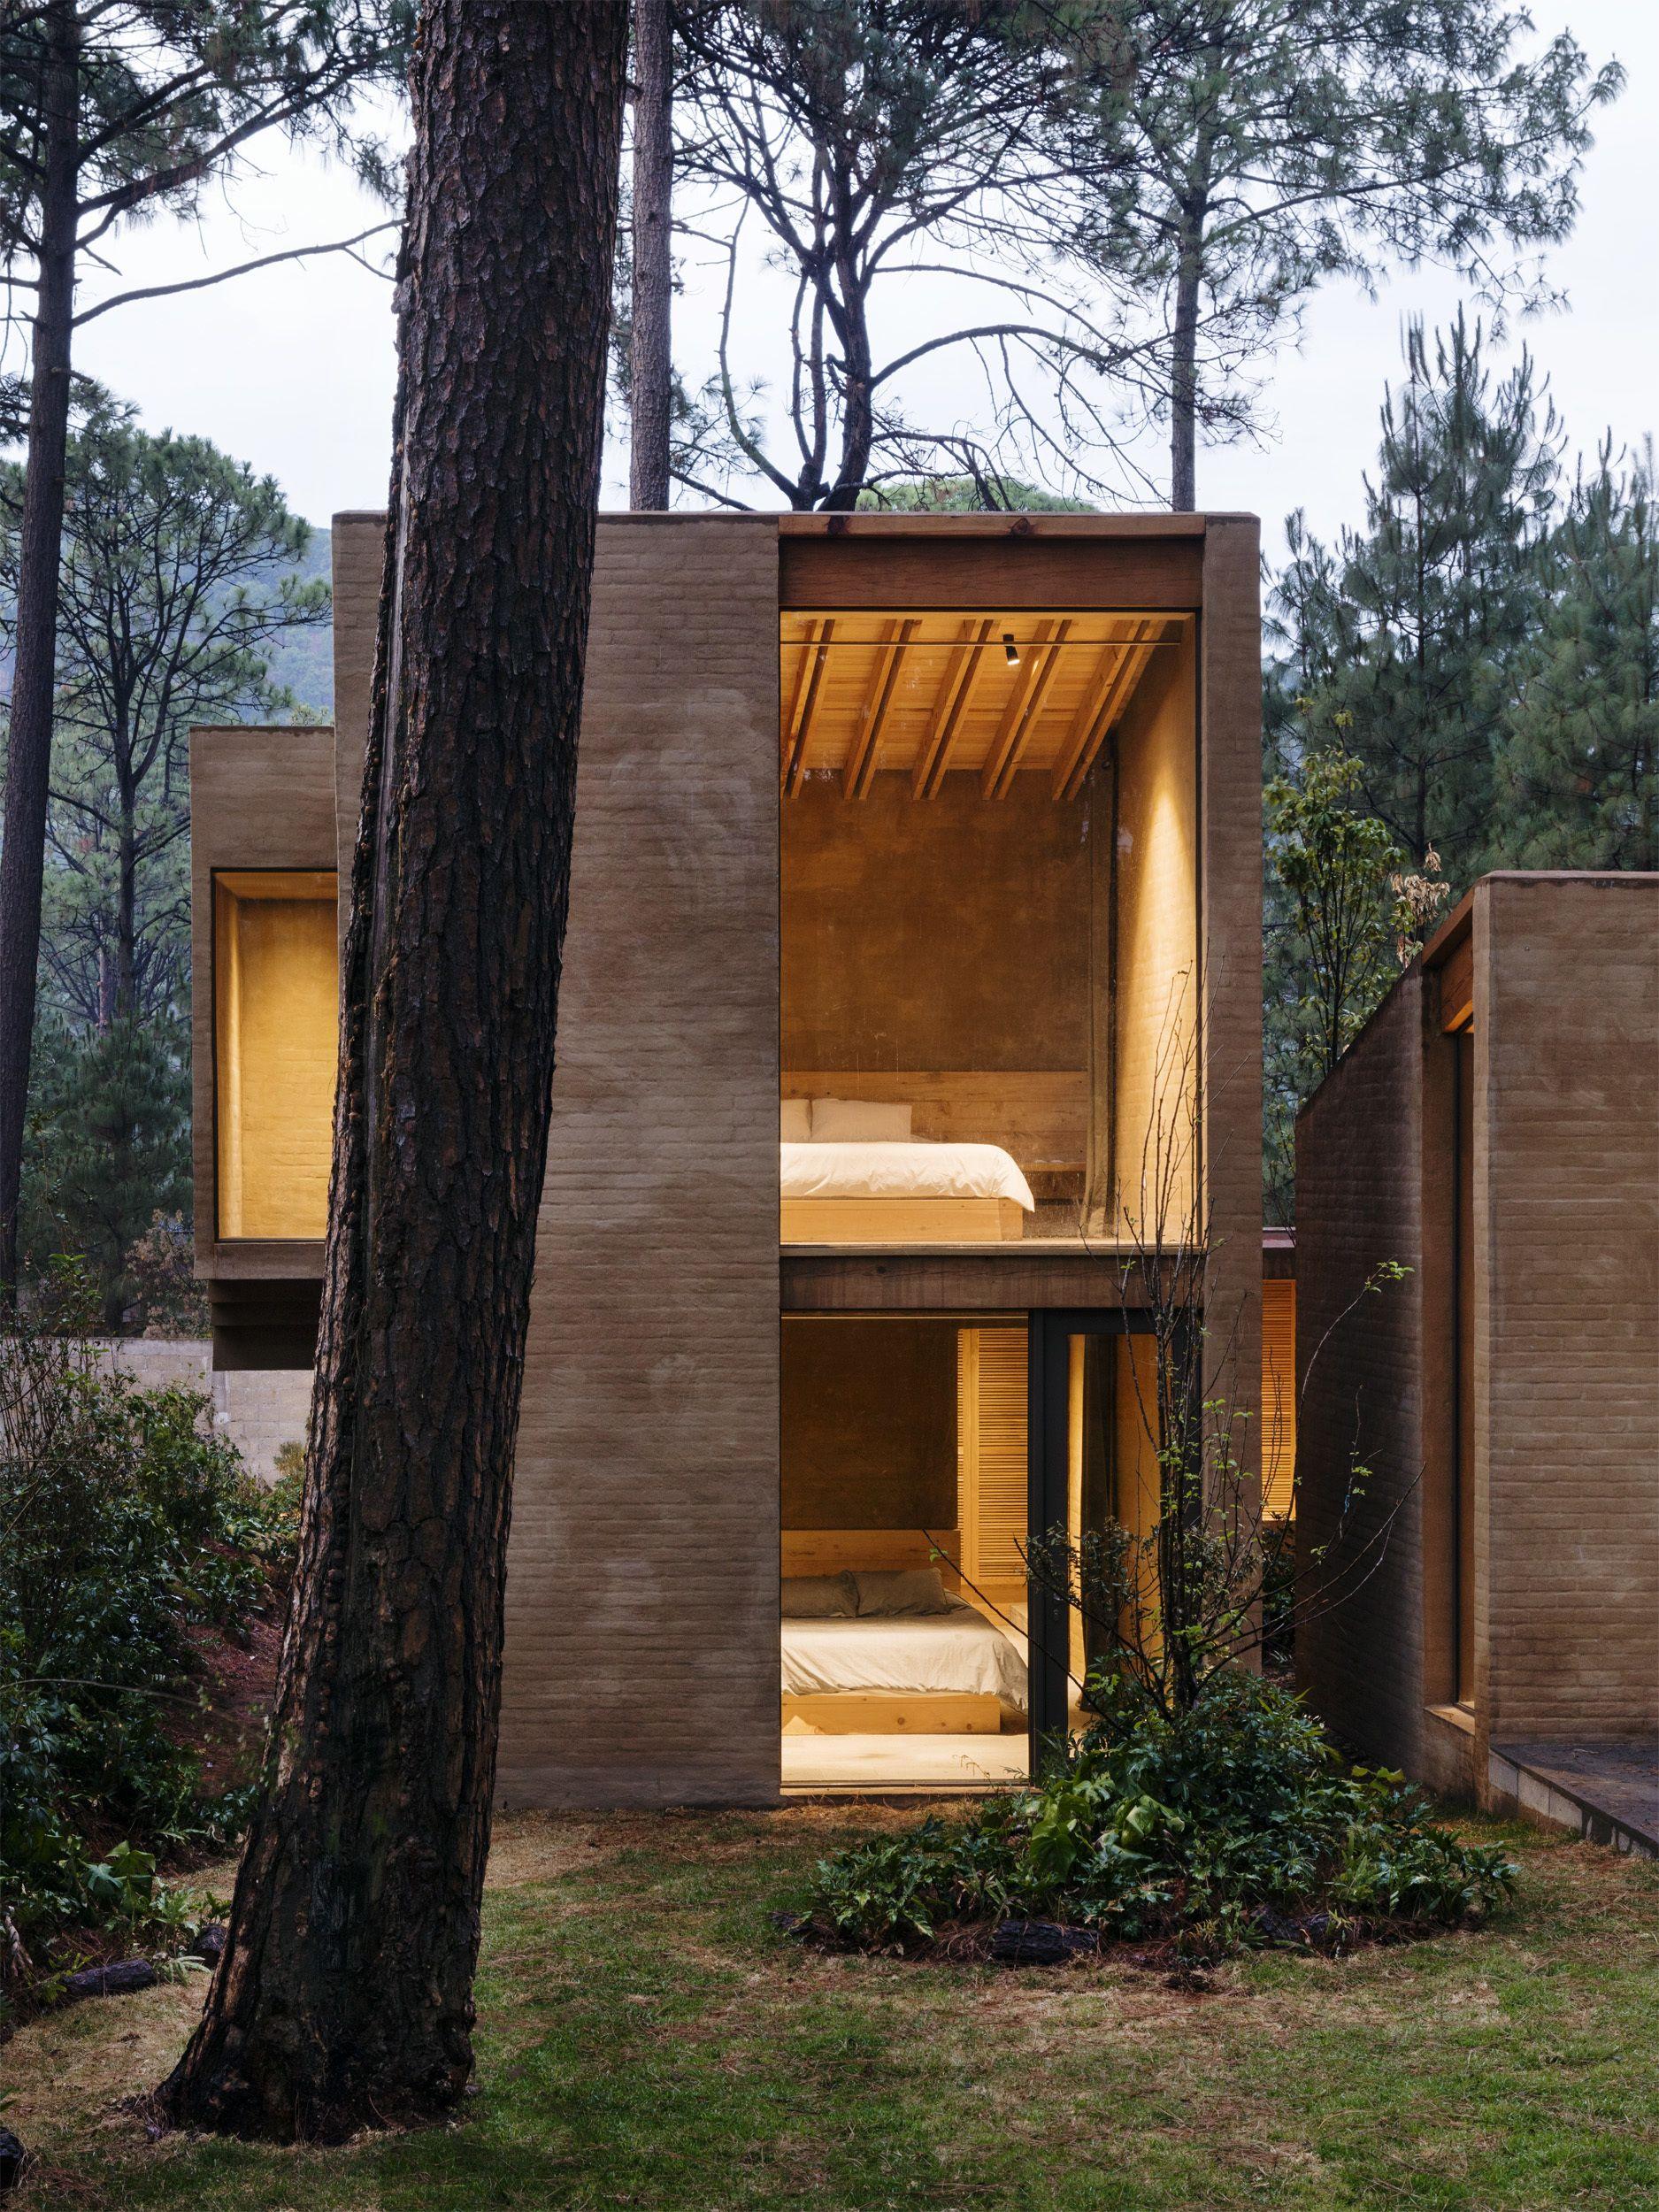 Die Neuen Ferienhauser Von Hector Barroso Stylepark Architektur Aussengestaltung Wohnarchitektur